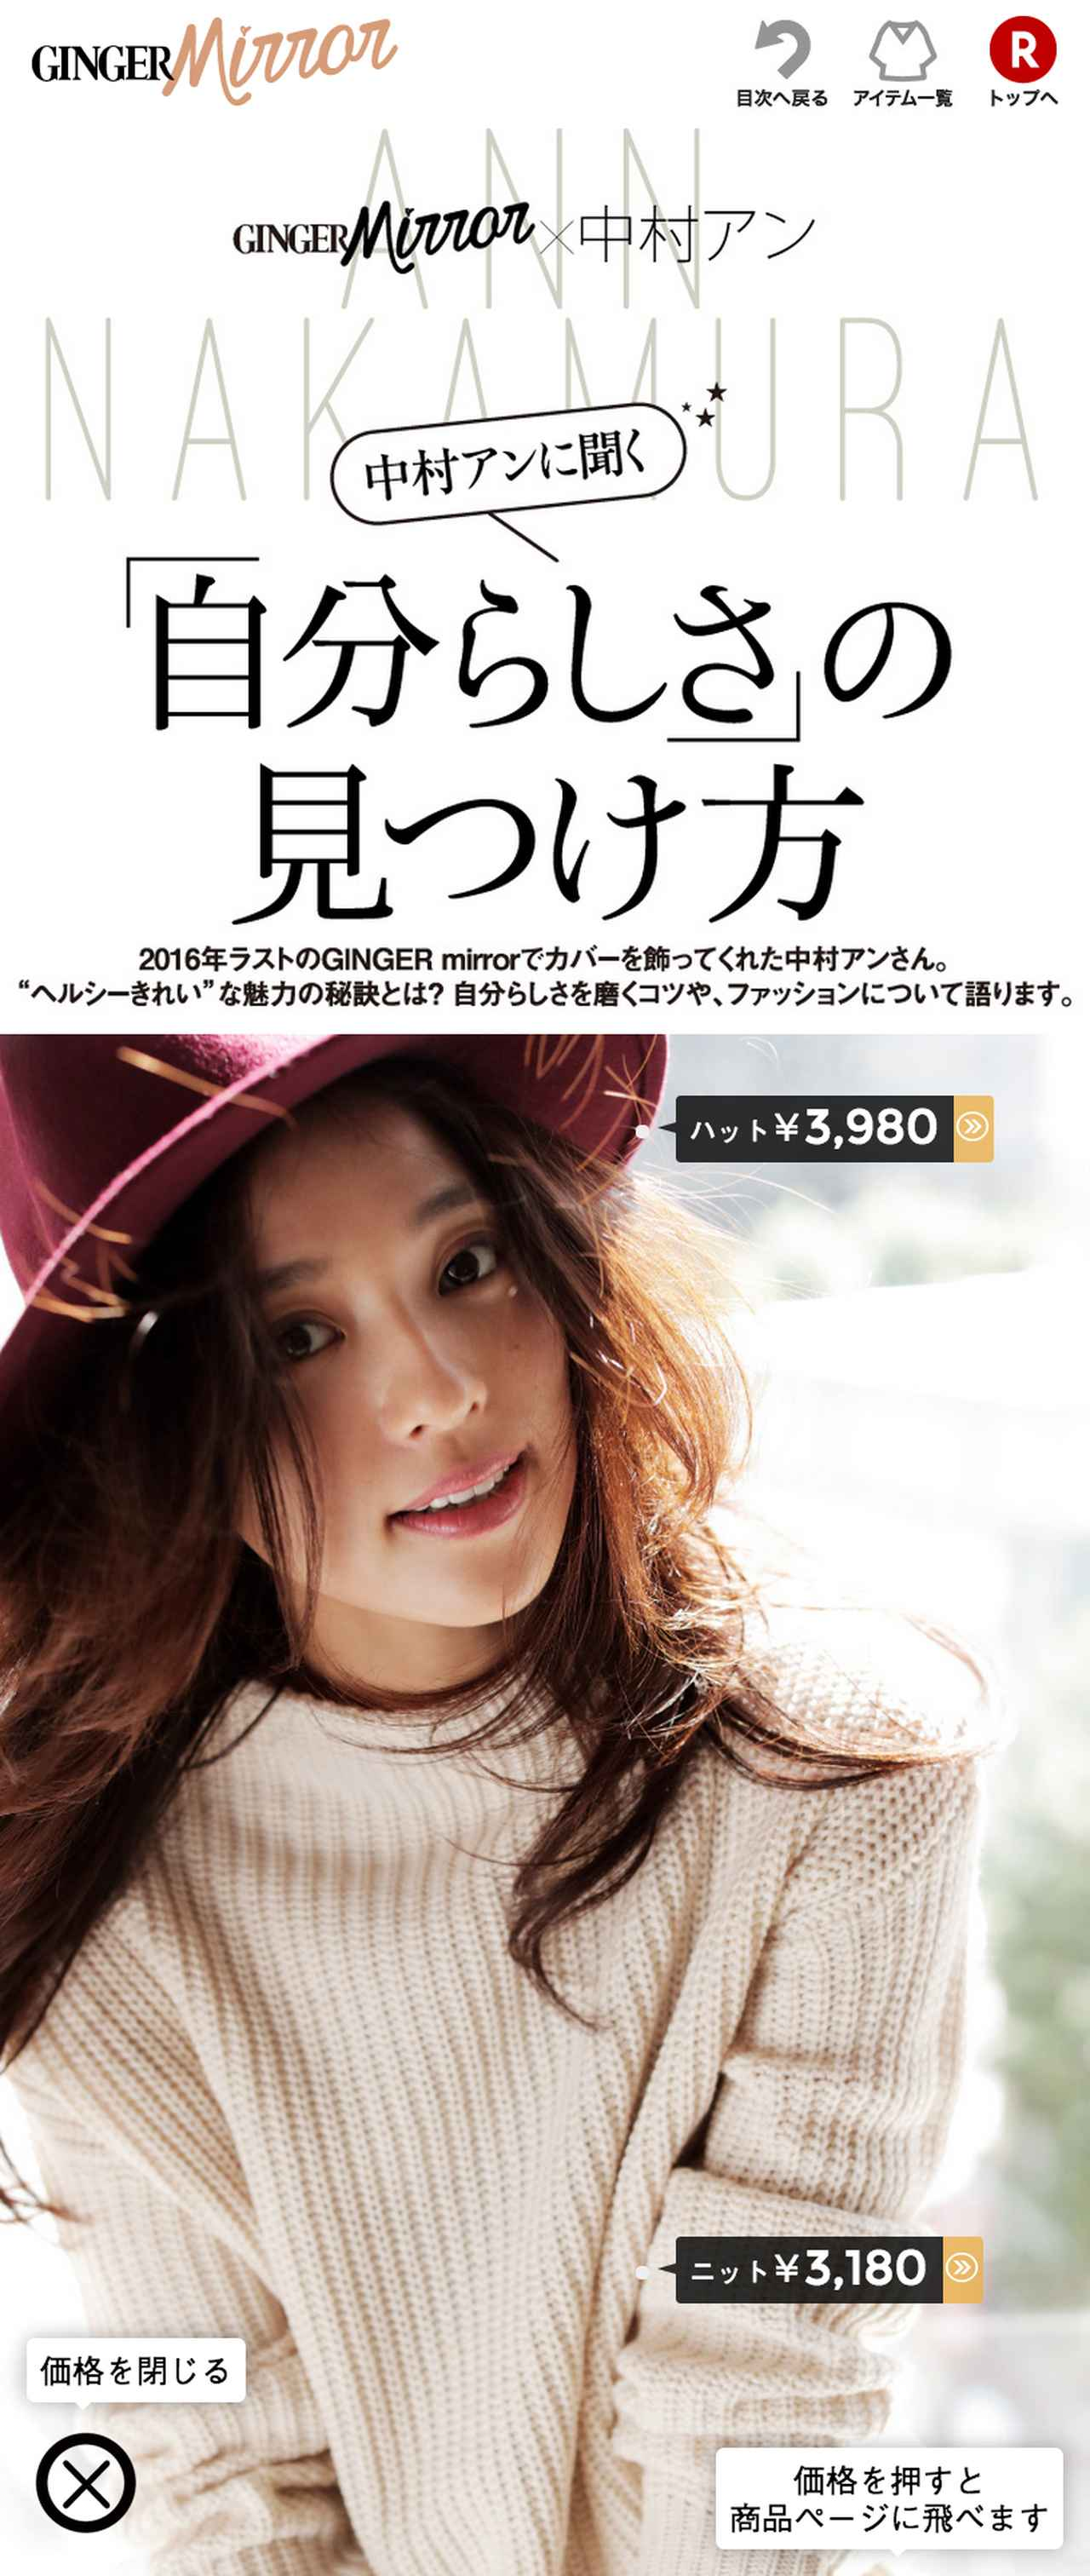 画像2: 話題の無料スマホ・マガジン「GINGER mirror」 冬号公開